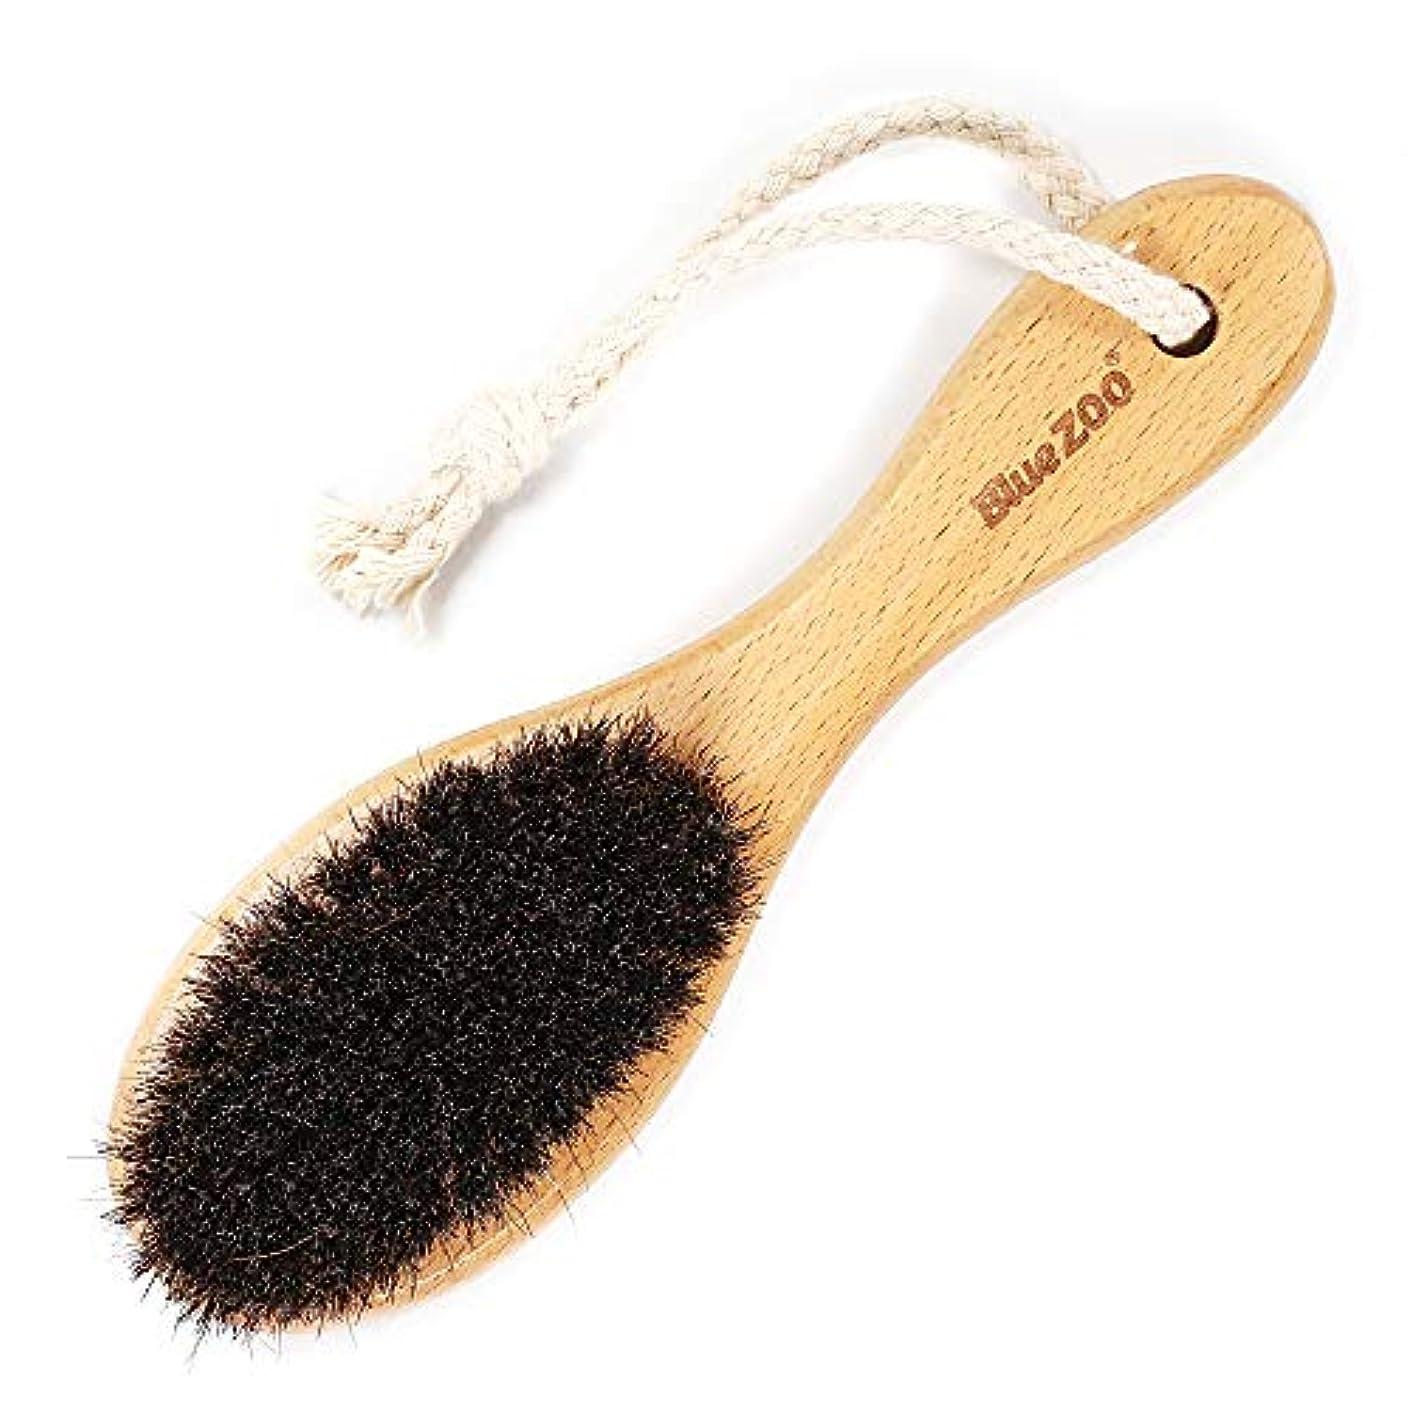 フリースアナニバーDecdeal ひげブラシ 多機能 馬毛 ヘアブラシ/バスブラシ木製ハンドルボディマッサージブラシ 理容 洗顔 髭剃り